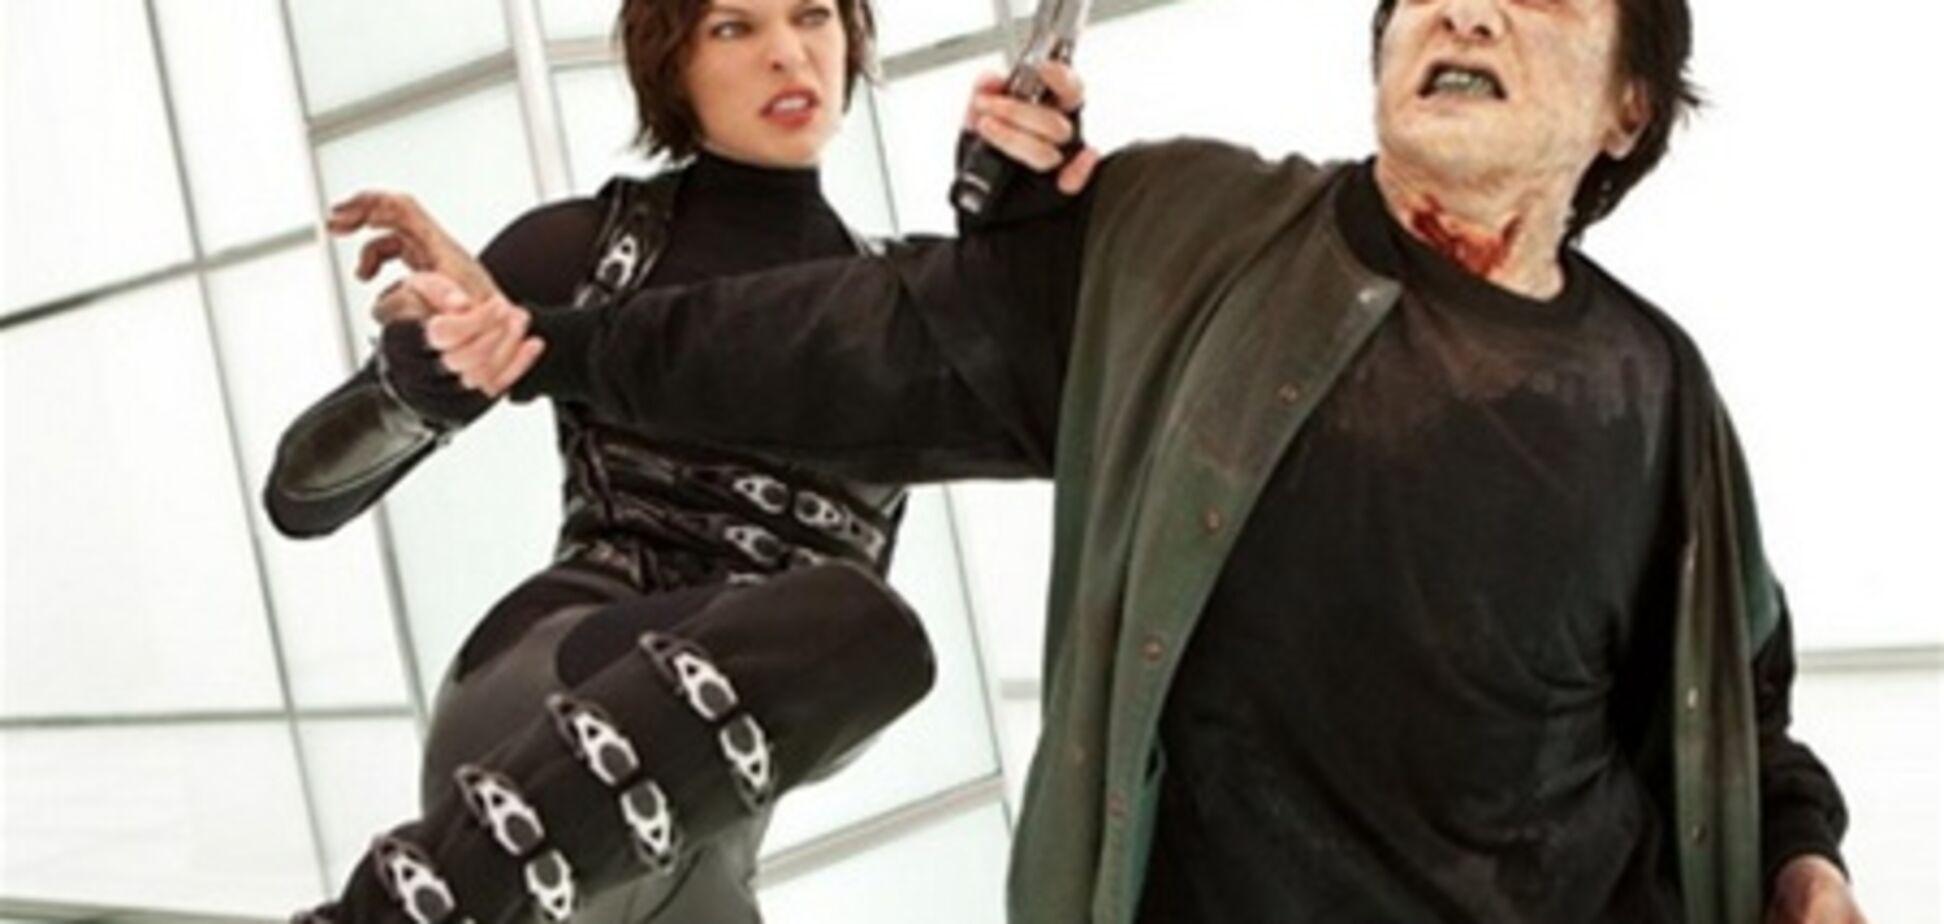 Зомби и Милла Йовович 'гребут капусту'